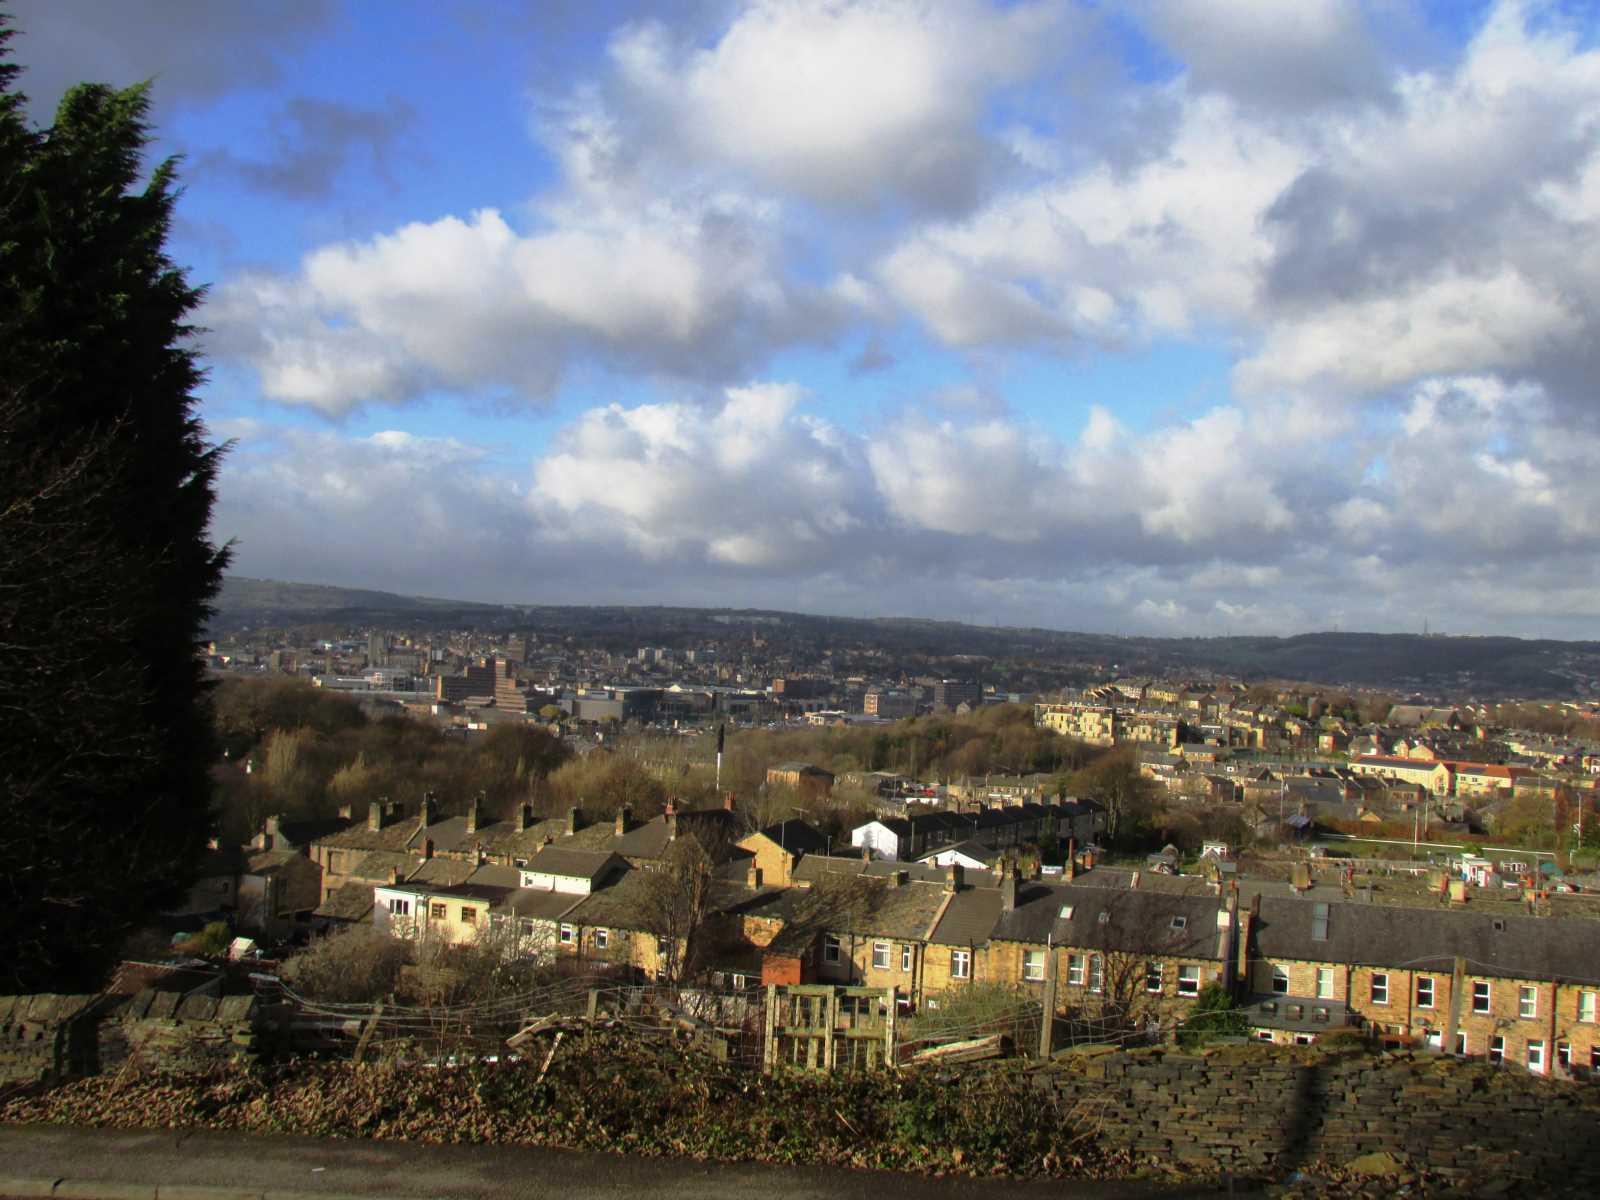 24 Forest Road Almondbury, Huddersfield, West Yorkshire HD5 8EU